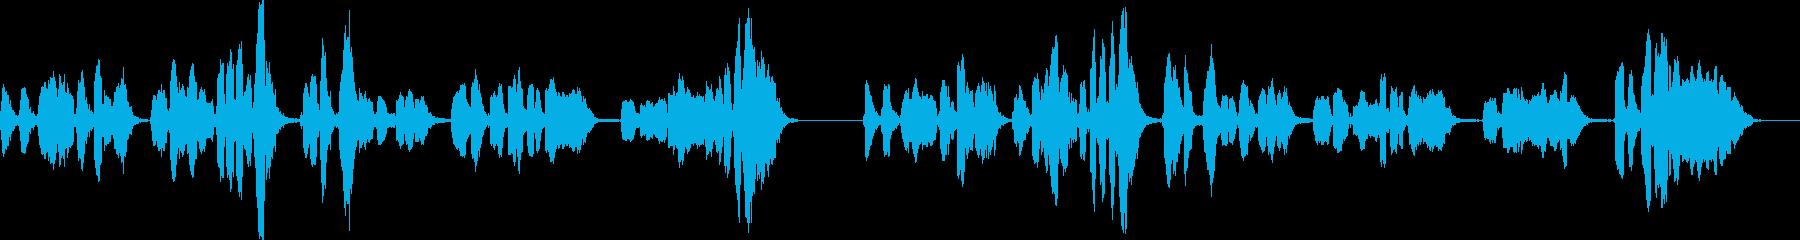 「小山の子うさぎ」アカペラ G#マイナーの再生済みの波形